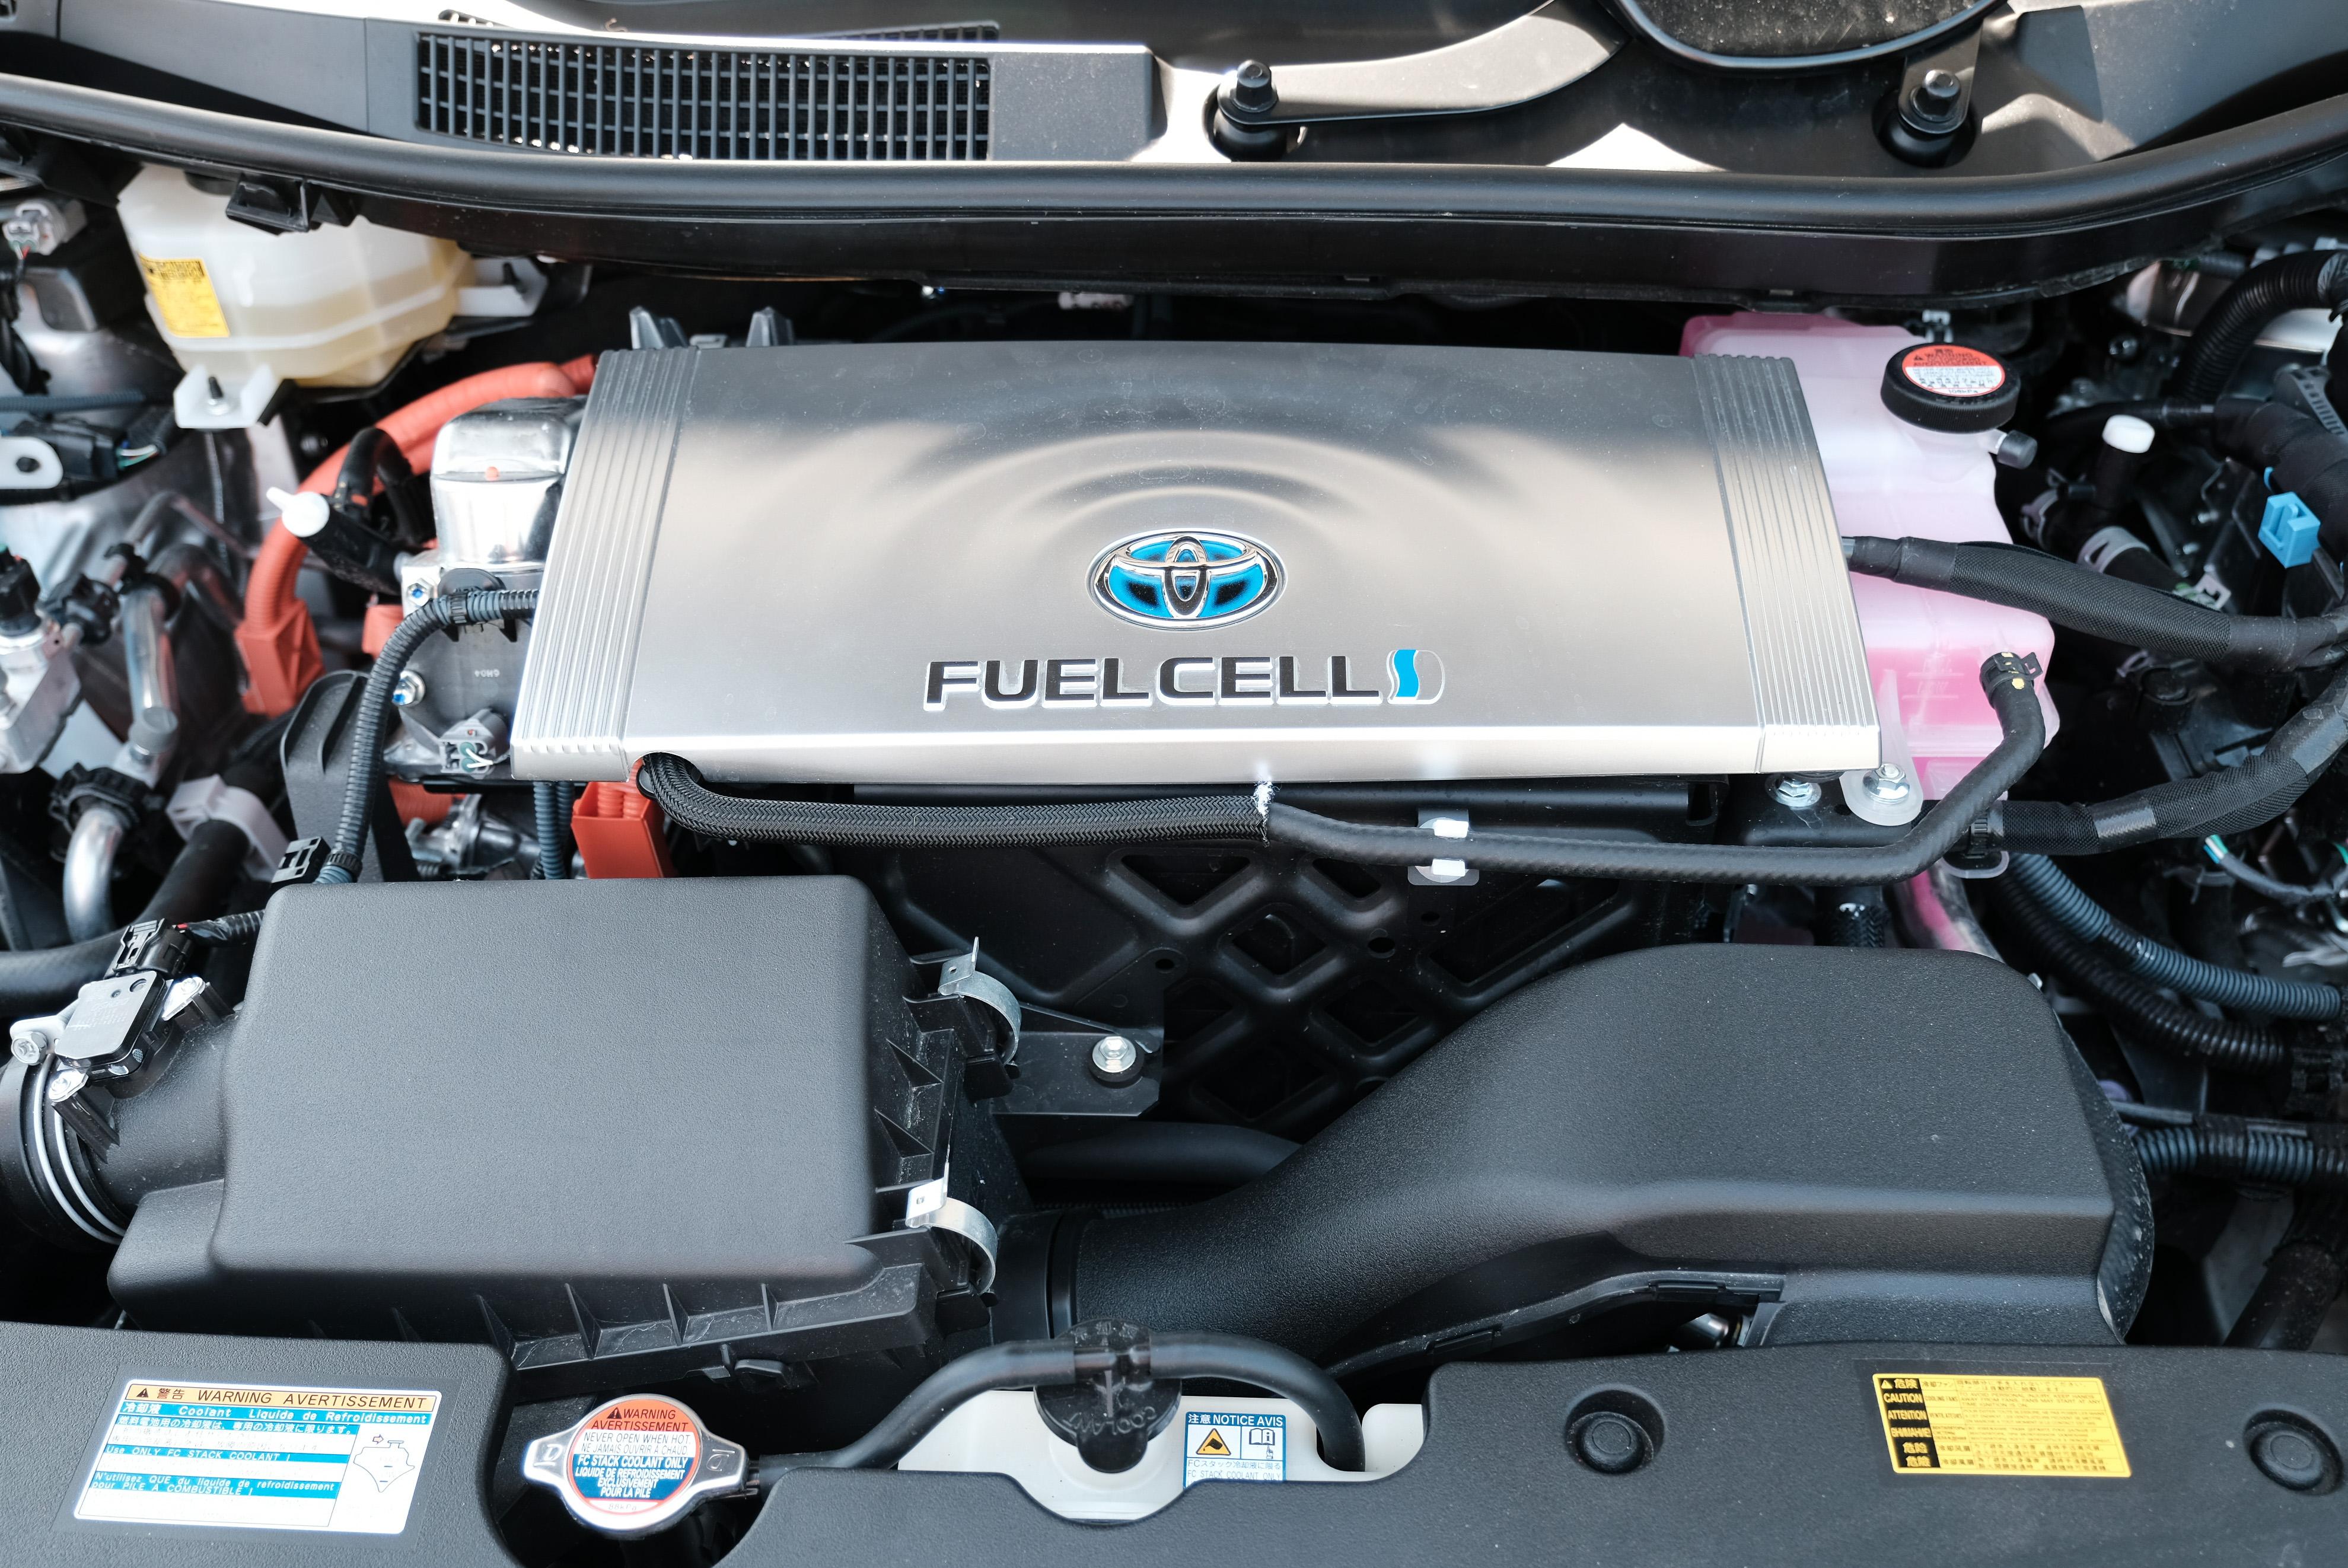 Véhicule électrique à pile à combustible à hydrogène (crédits: Province of British Columbia / Flickr Creative Commons Attribution - Pas d'Utilisation Commerciale - Pas de Modification 2.0 Générique (CC BY-NC-ND 2.0))